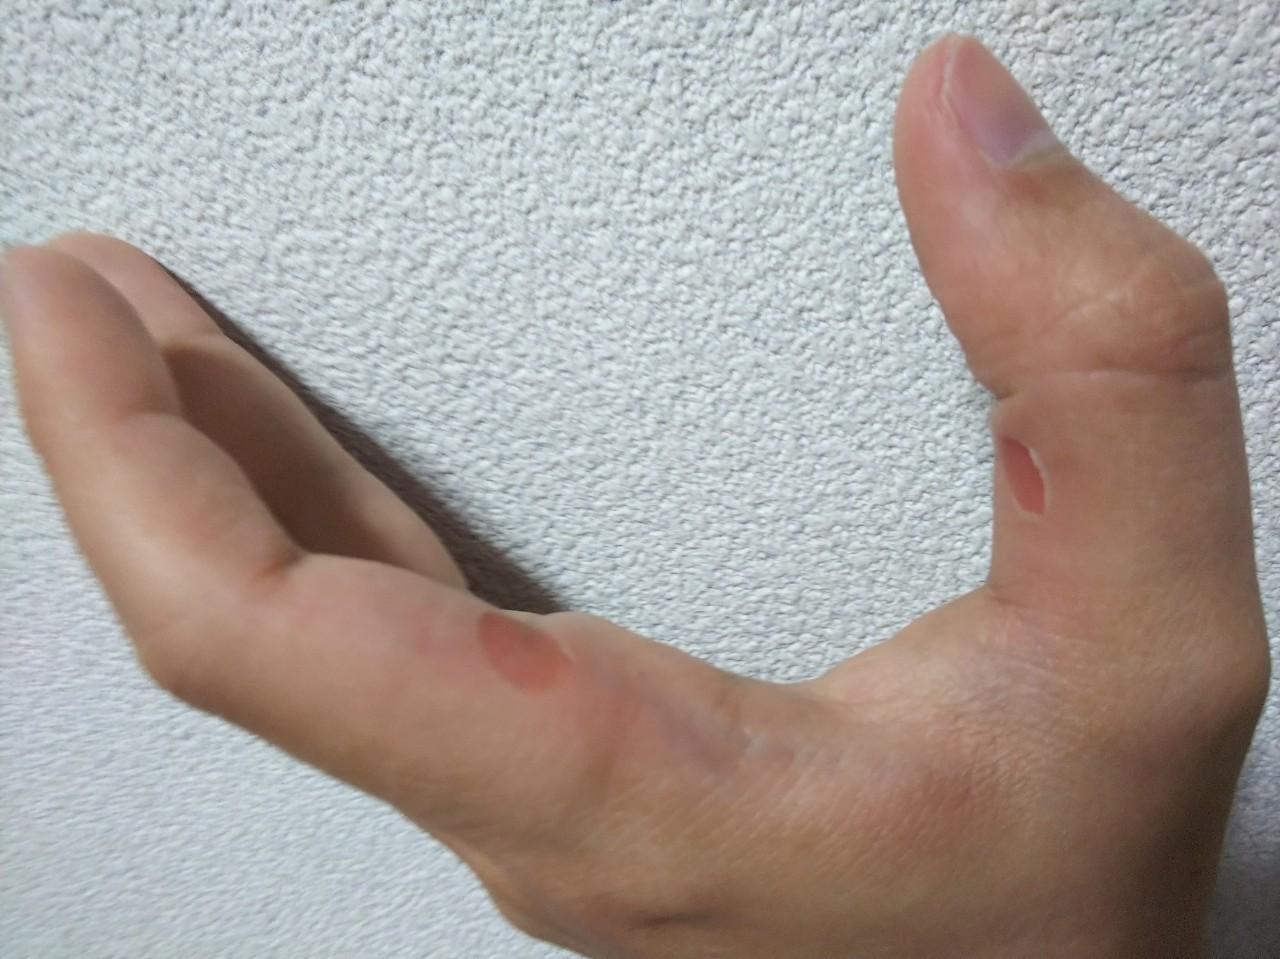 剥ける 指先 の 皮